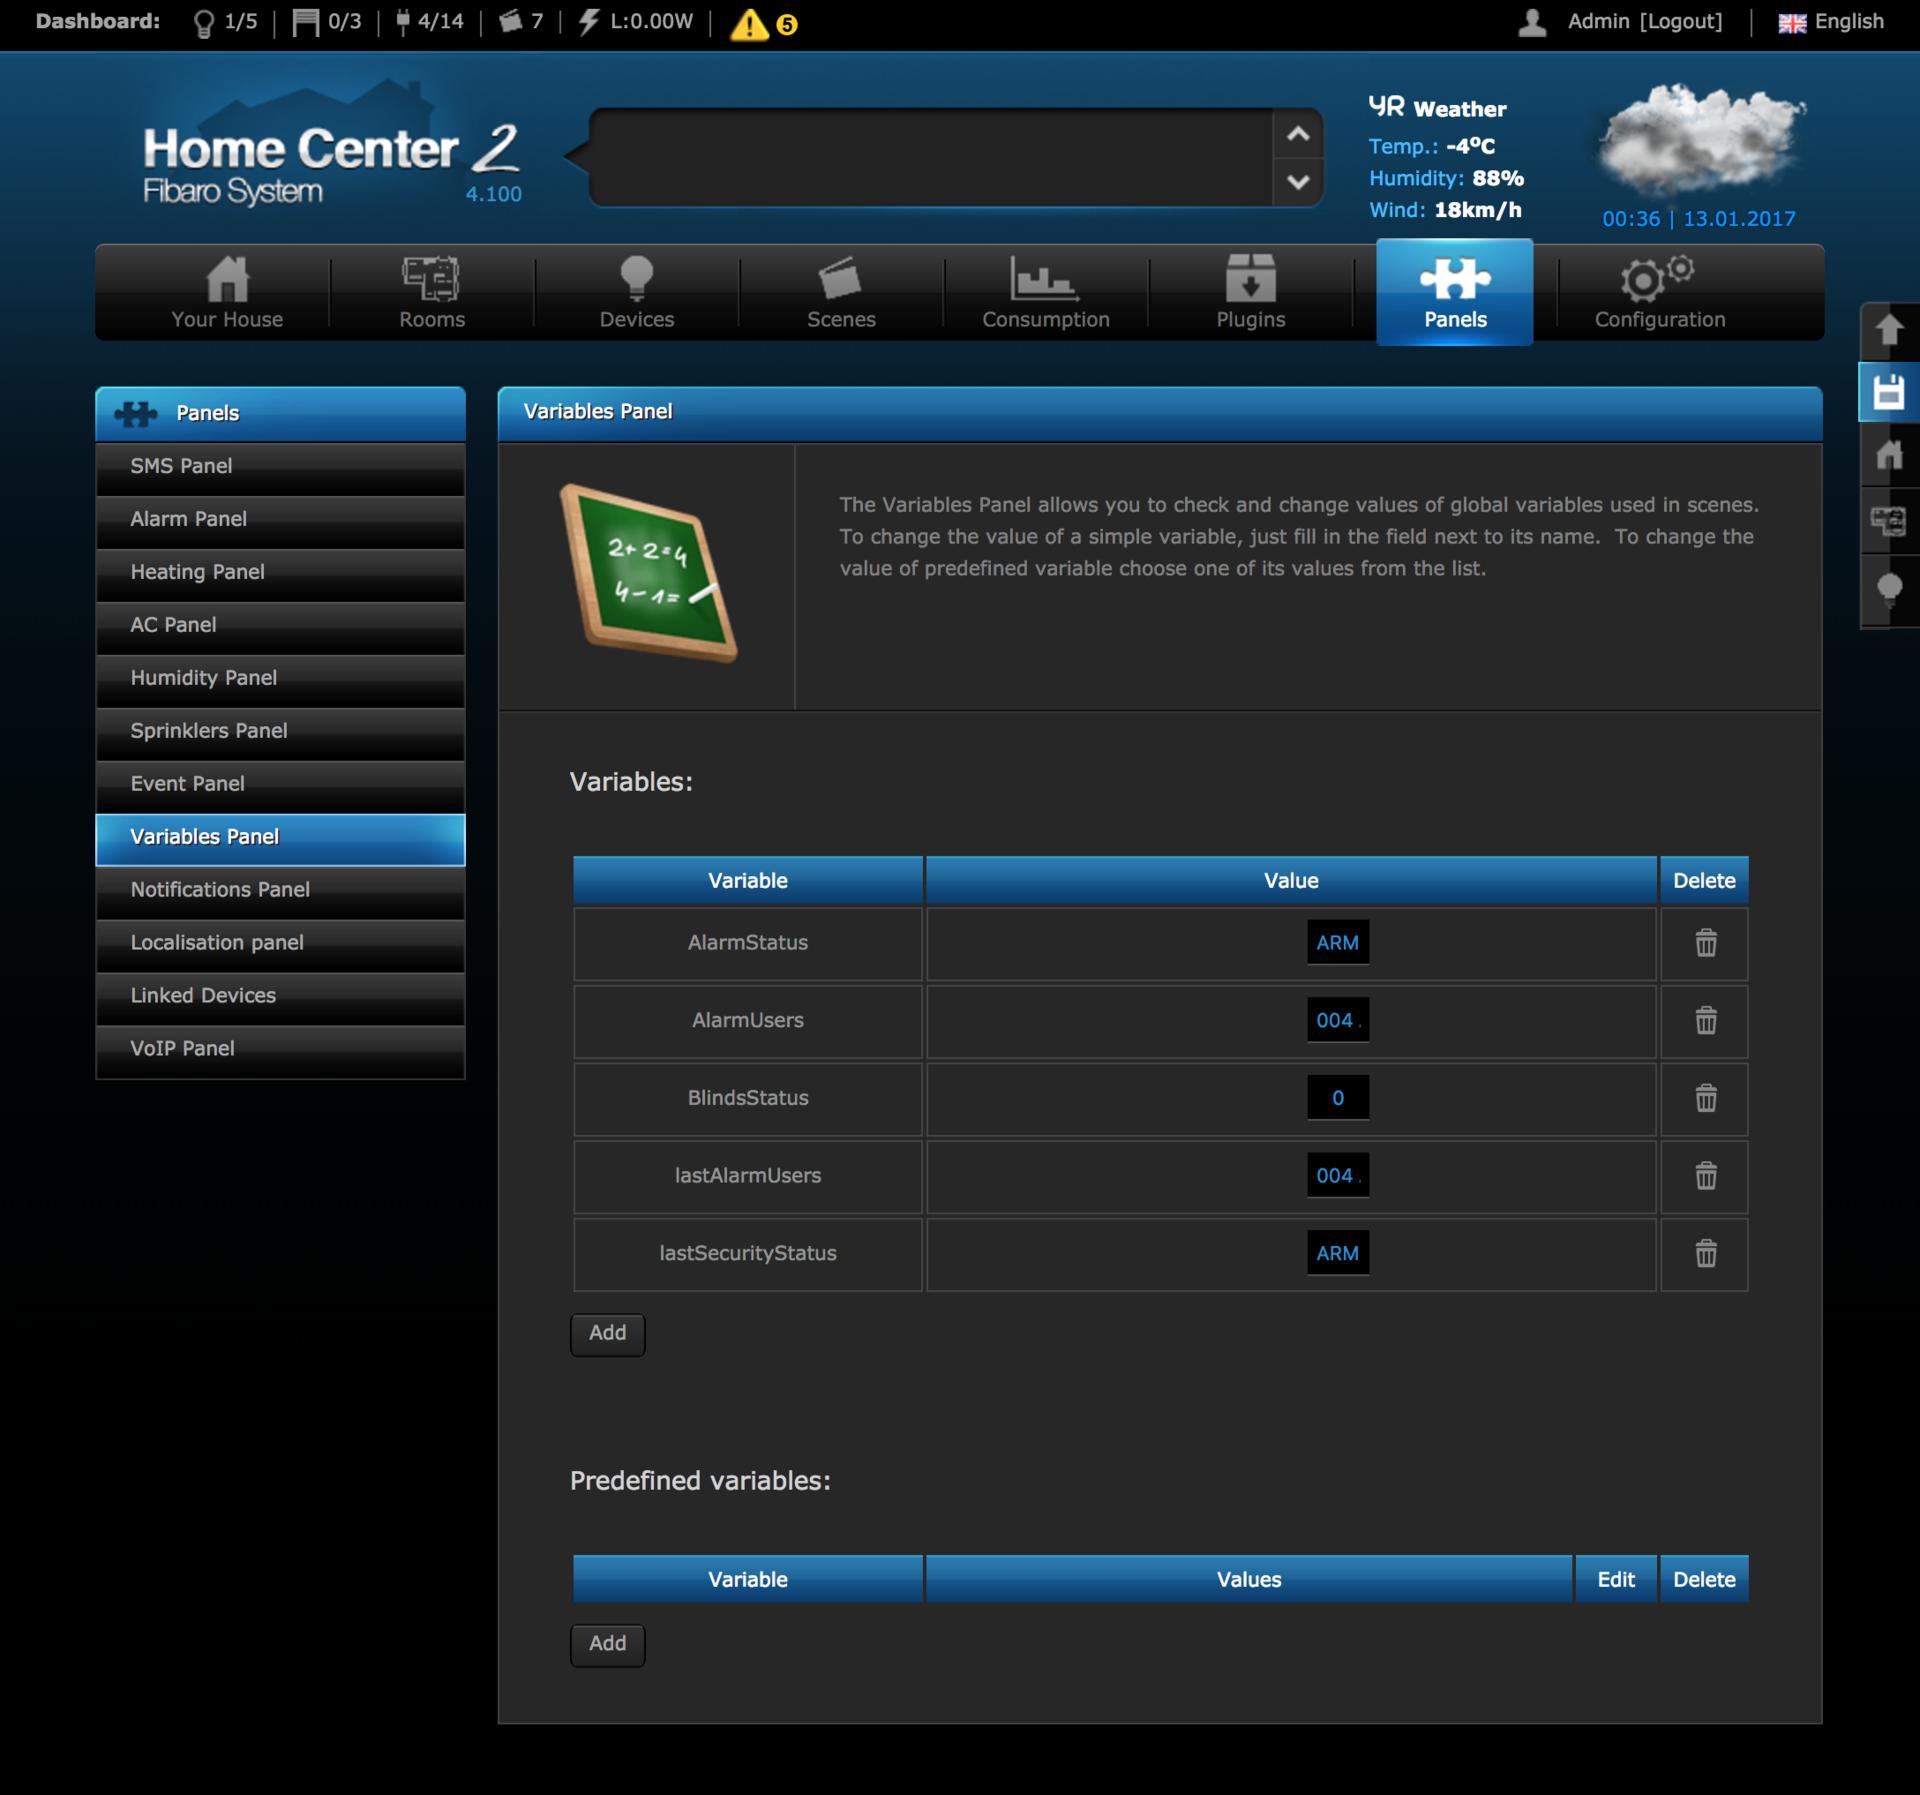 Интегрируем охранную систему Honeywell (Ademco) VISTA 10 с домашней автоматизацией Fibaro - 12